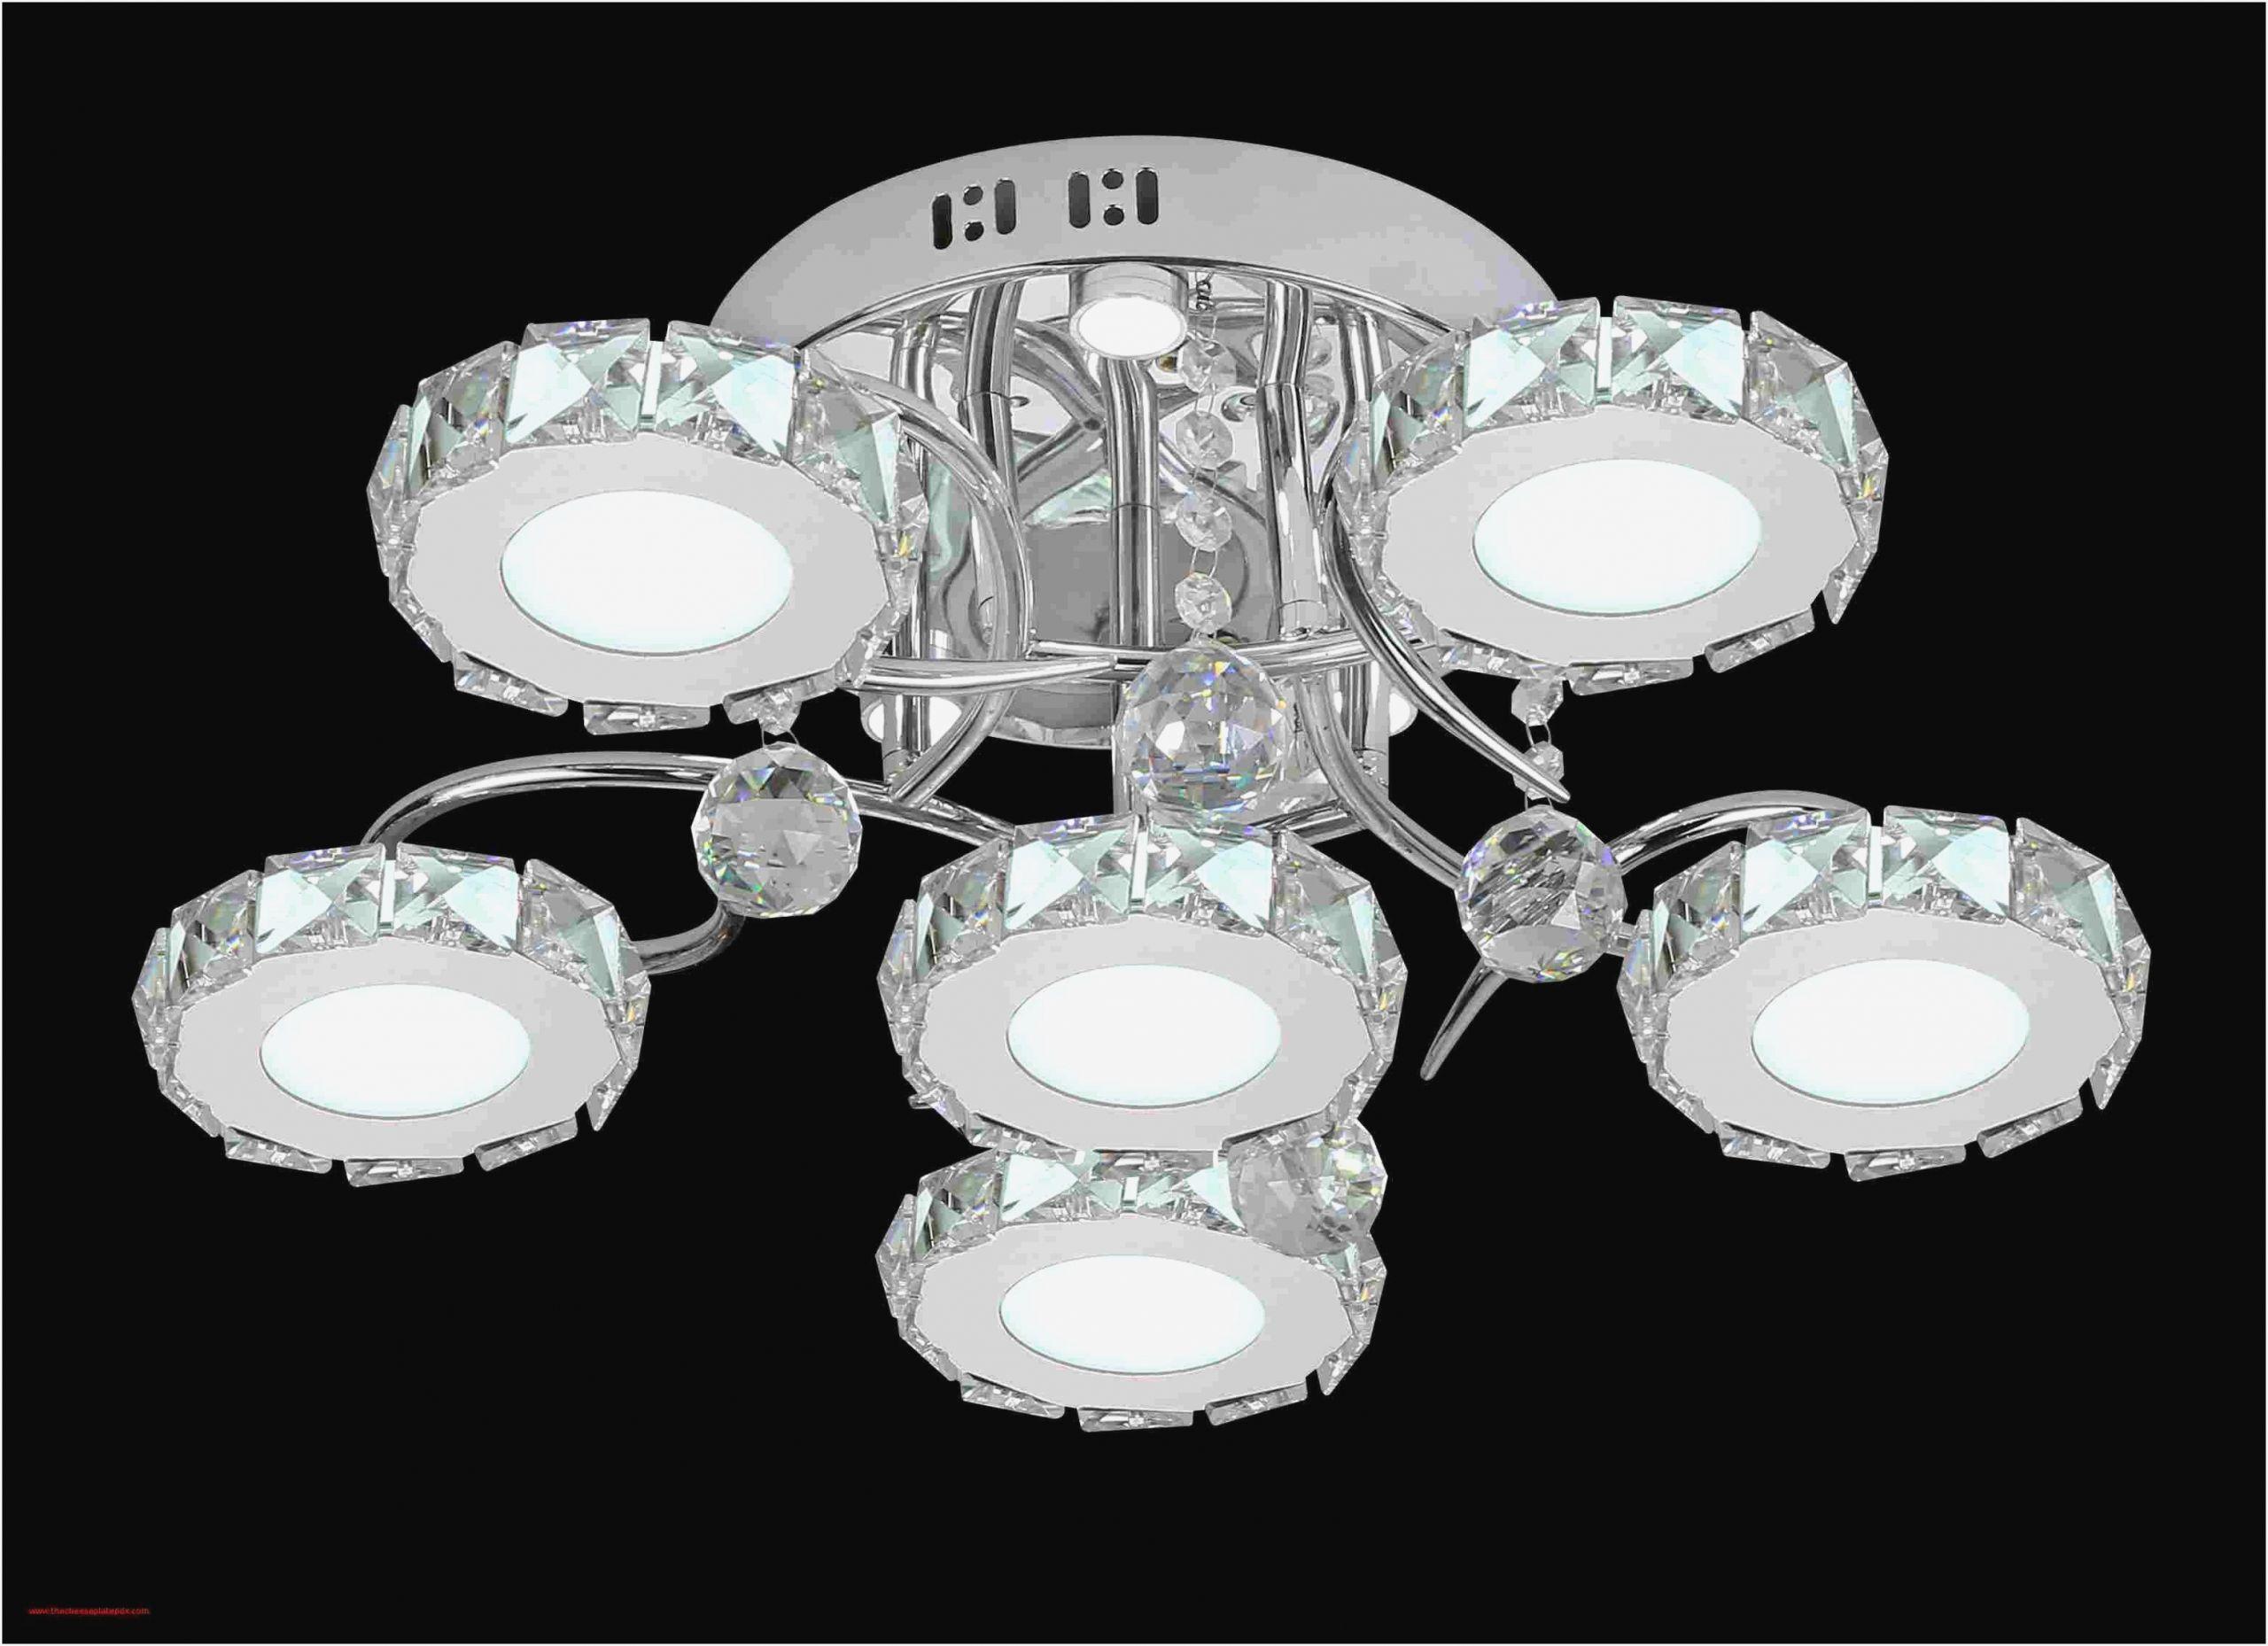 Full Size of Deckenlampe 4 Flamkig Kinderzimmer Traumhaus Deckenlampen Wohnzimmer Regal Weiß Modern Für Sofa Regale Kinderzimmer Deckenlampen Kinderzimmer